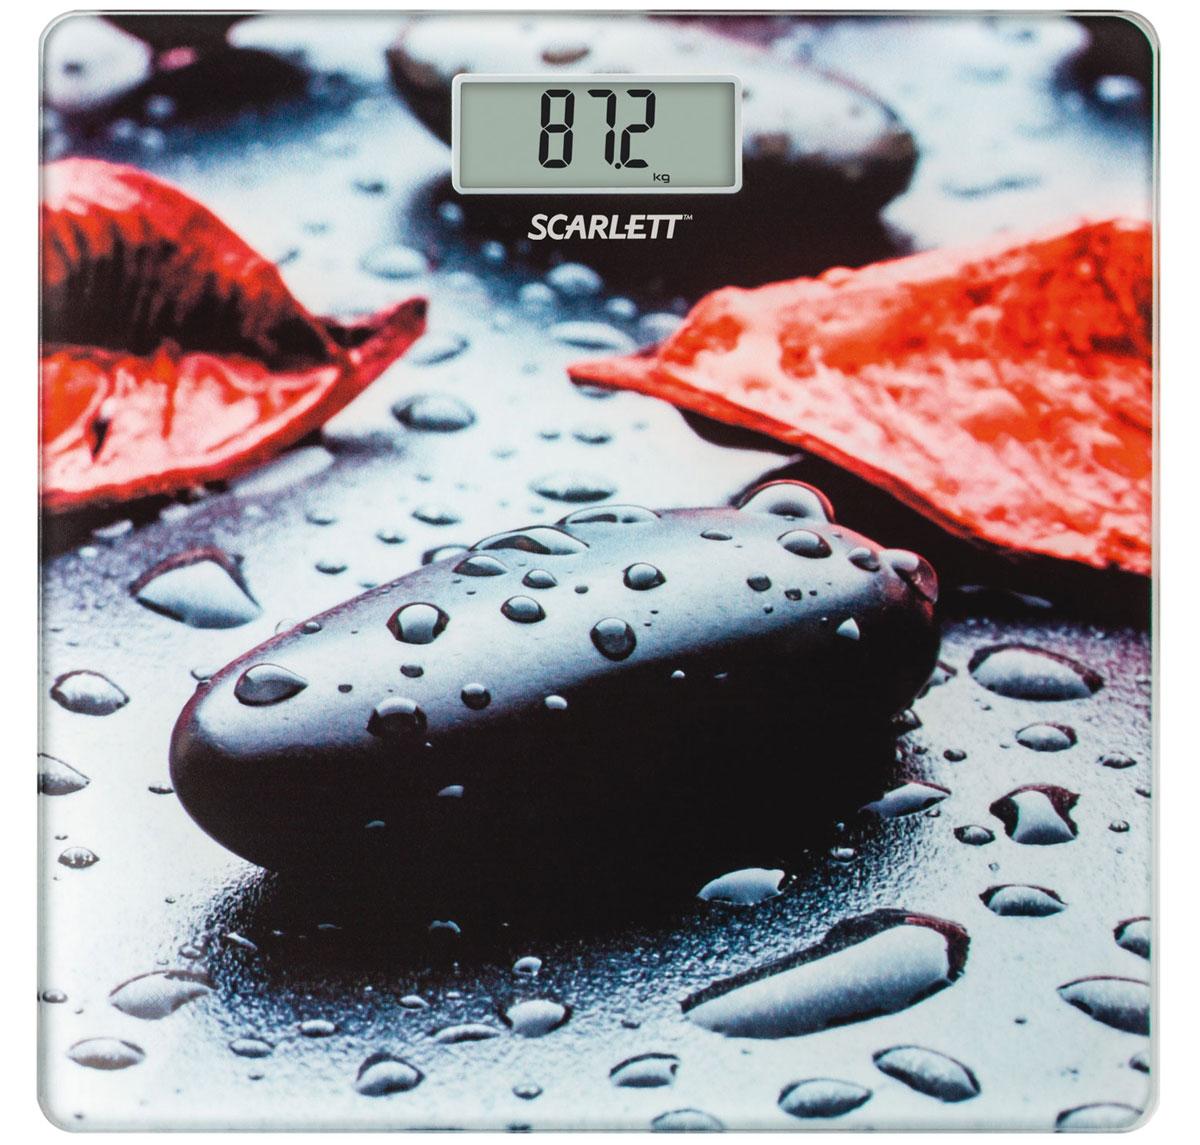 Scarlett SC-BS33E052 Rock весы напольныеSC-BS33E052Напольные весы Scarlett SC-BS33E052 имеют уникальный дизайн платформы. Это простой и удобный способ контролировать свой вес. Максимальная нагрузка на данную модель может составлять 180 кг. При перегрузе загорится предупреждающий сигнал. Также специальная индикация сообщит пользователям о необходимости замены элемента питания. Чтобы весы начали работать, достаточно просто встать на них. После взвешивания прибор отключится самостоятельно. Высокочувствительные датчики Индикатор перегрузки Индикатор батарейки Цифровой жидкокристаллический дисплей Прорезиненные ножки